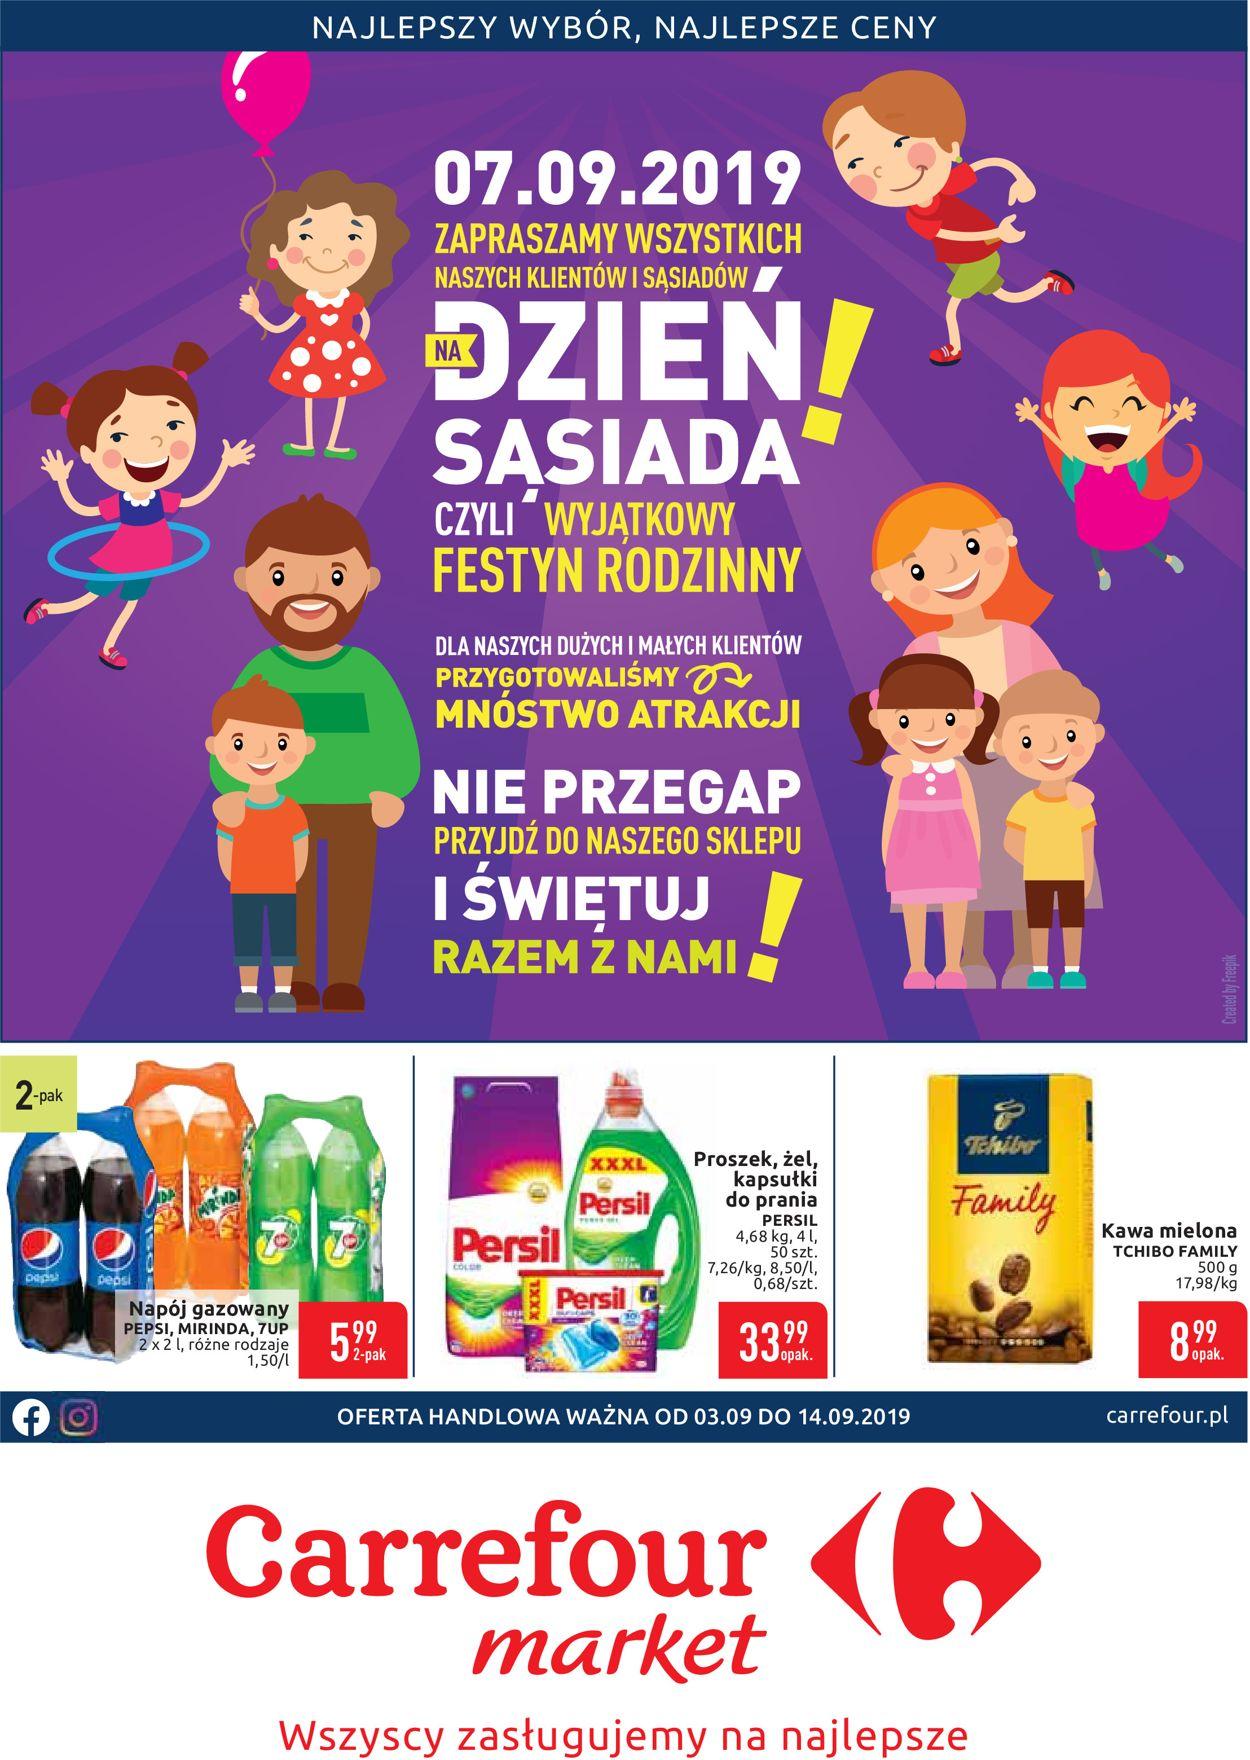 Gazetka promocyjna Carrefour - 03.09-14.09.2019